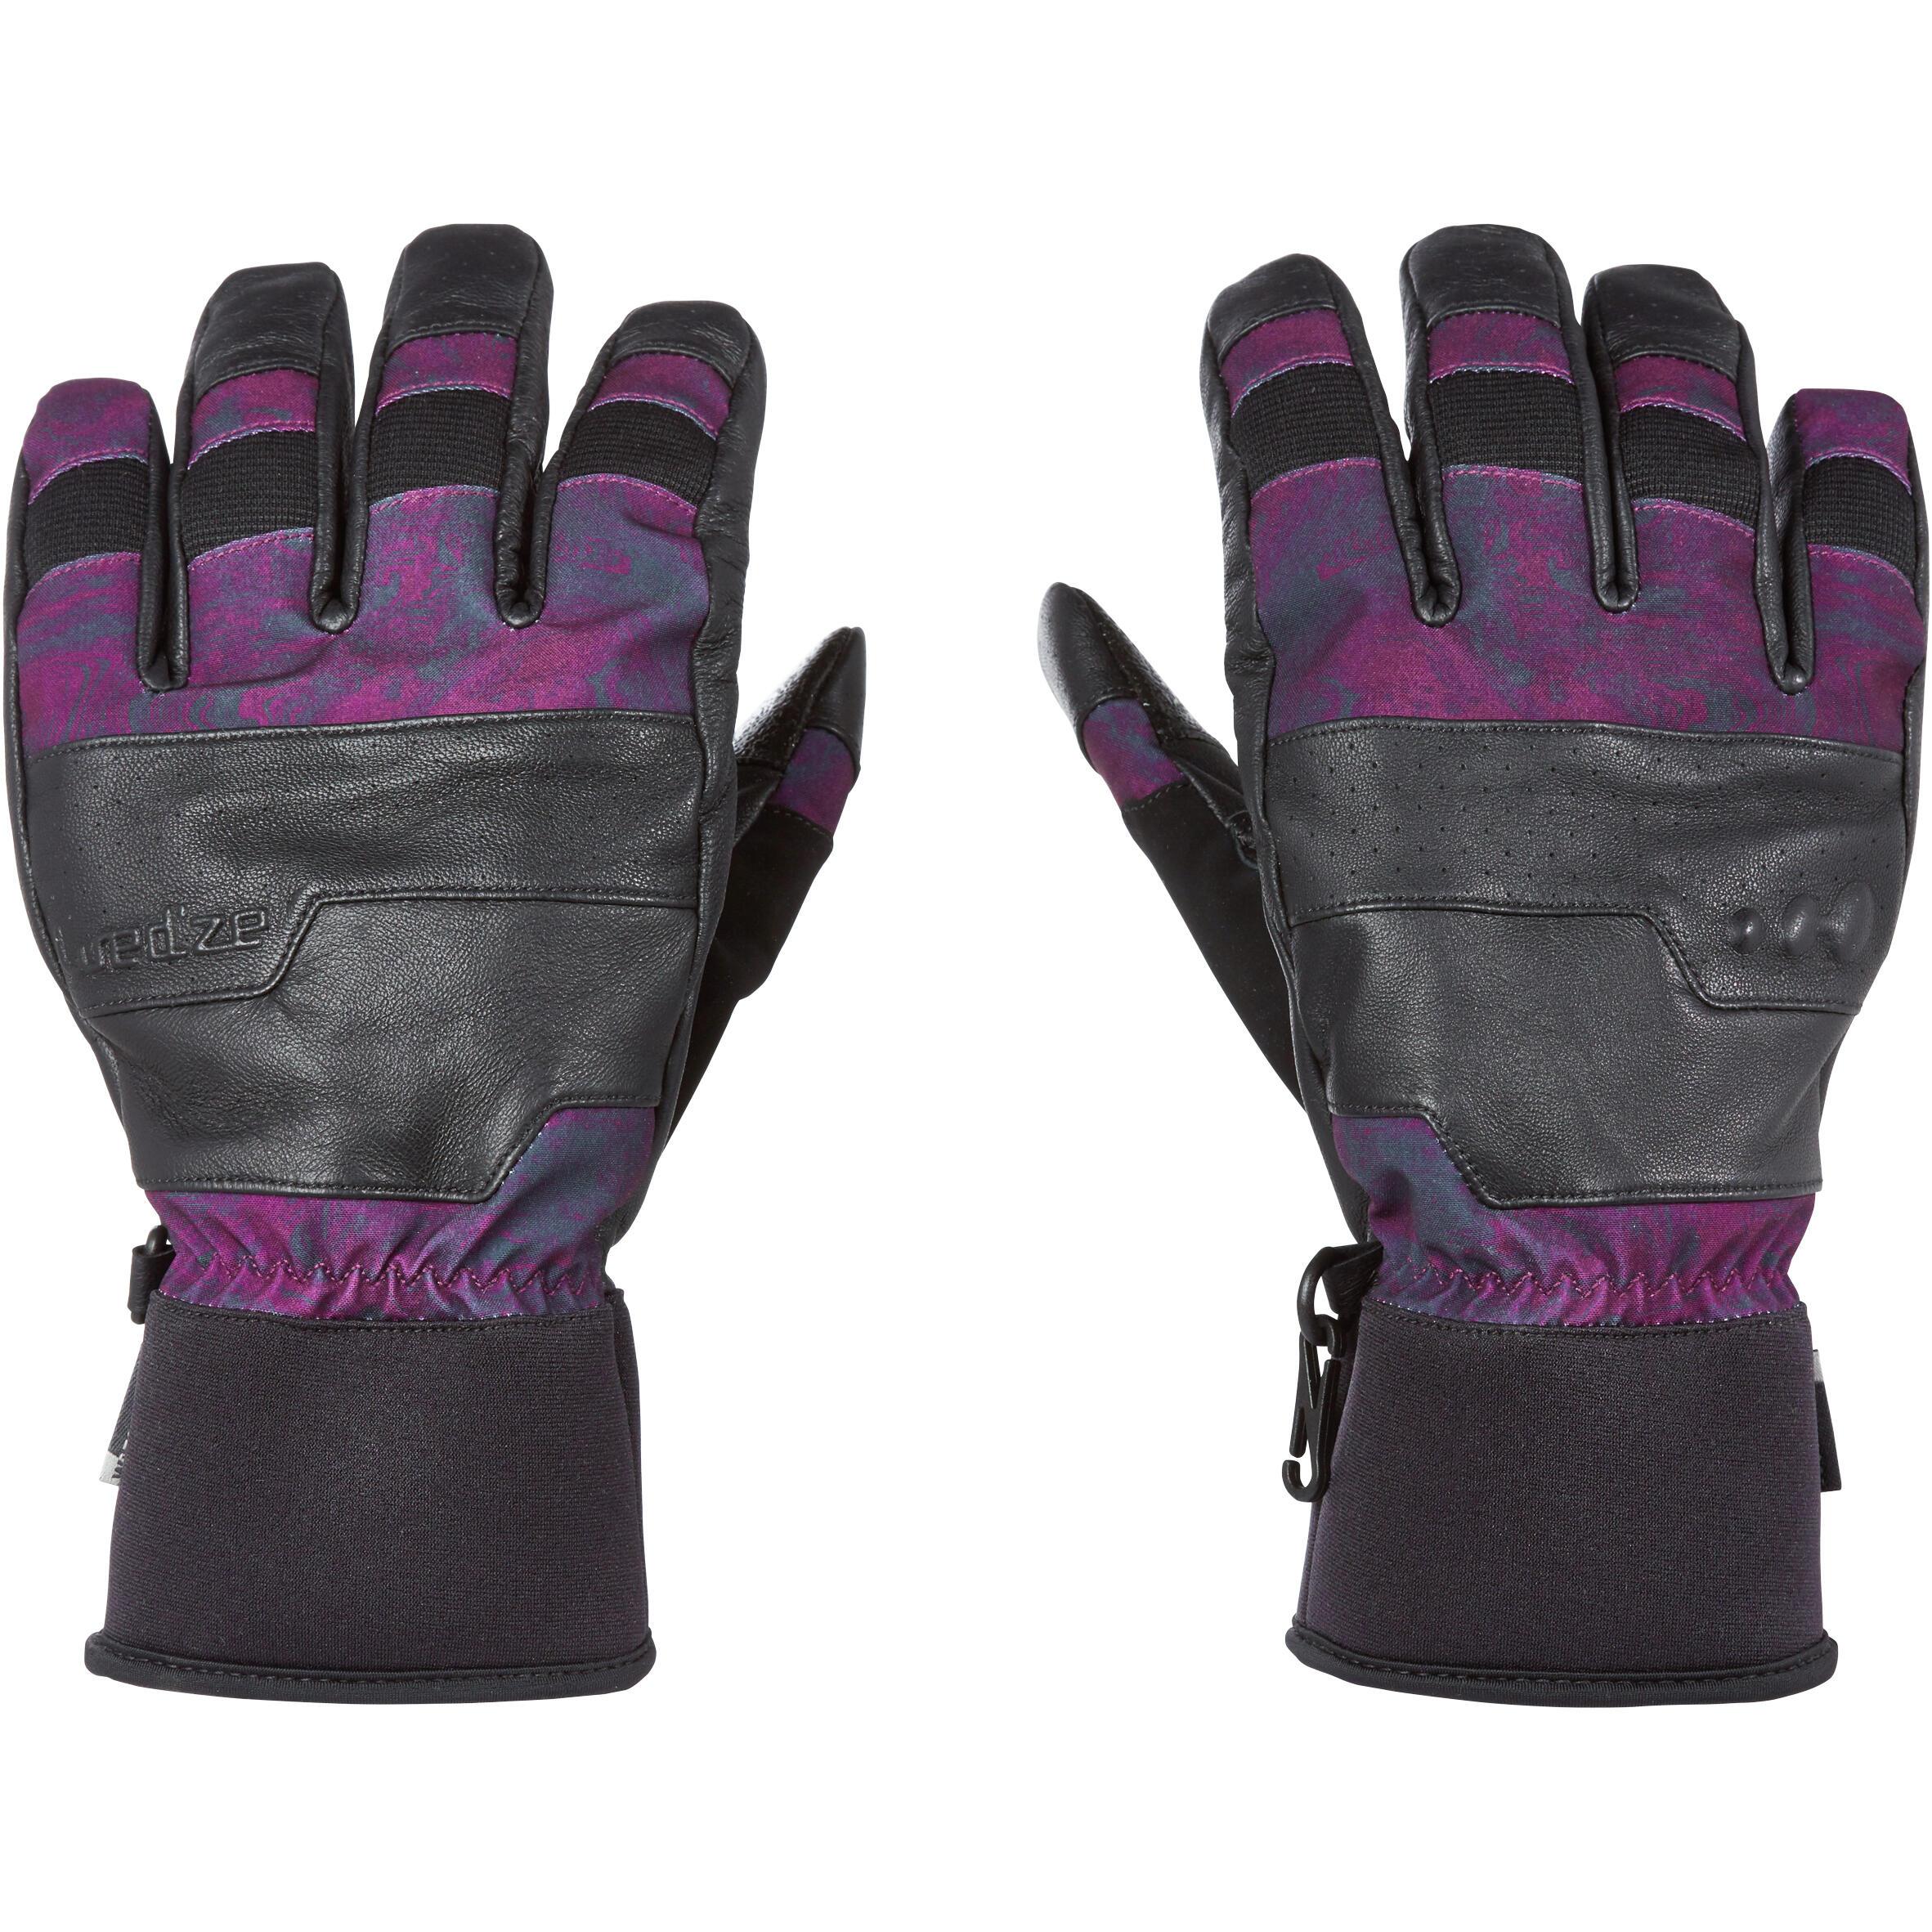 Wed'ze Handschoenen Free 700 voor freestyle snowboarden, voor heren/dames thumbnail